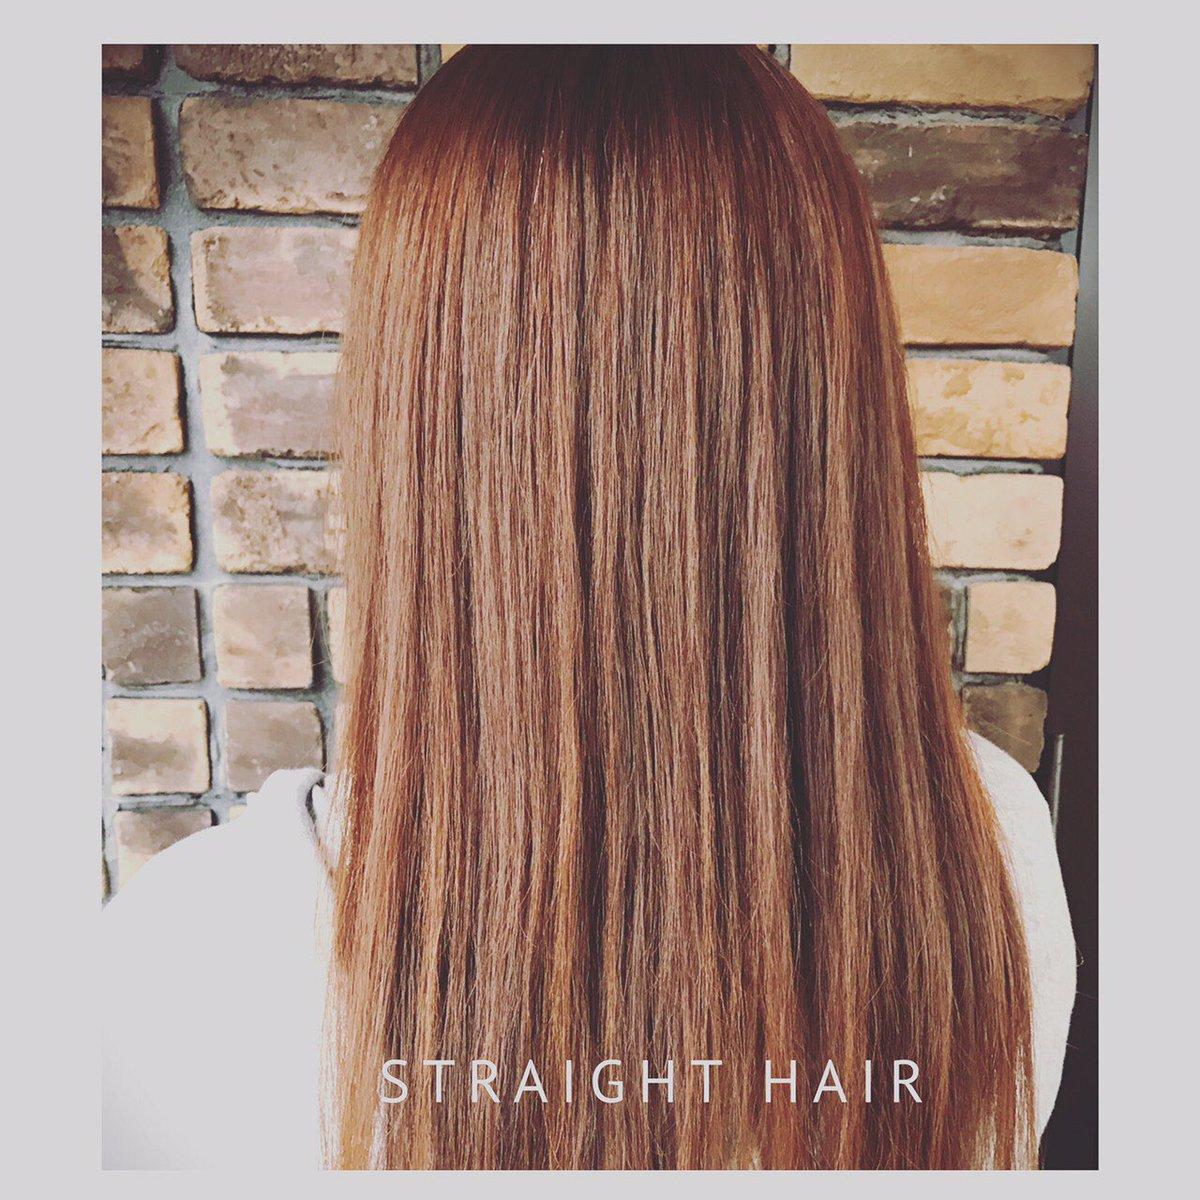 ケーティーズジャパンのストレートは 柔らかく、手触りがとてもいいんです!! 最近雨が多く、湿気でまとまらない髪の毛は おまかせください☺︎  #ストレートヘア #縮毛矯正 #サラサラヘア #湿気対策 #まっすぐ #美容室 #ケーティーズジャパン #可児市美容室